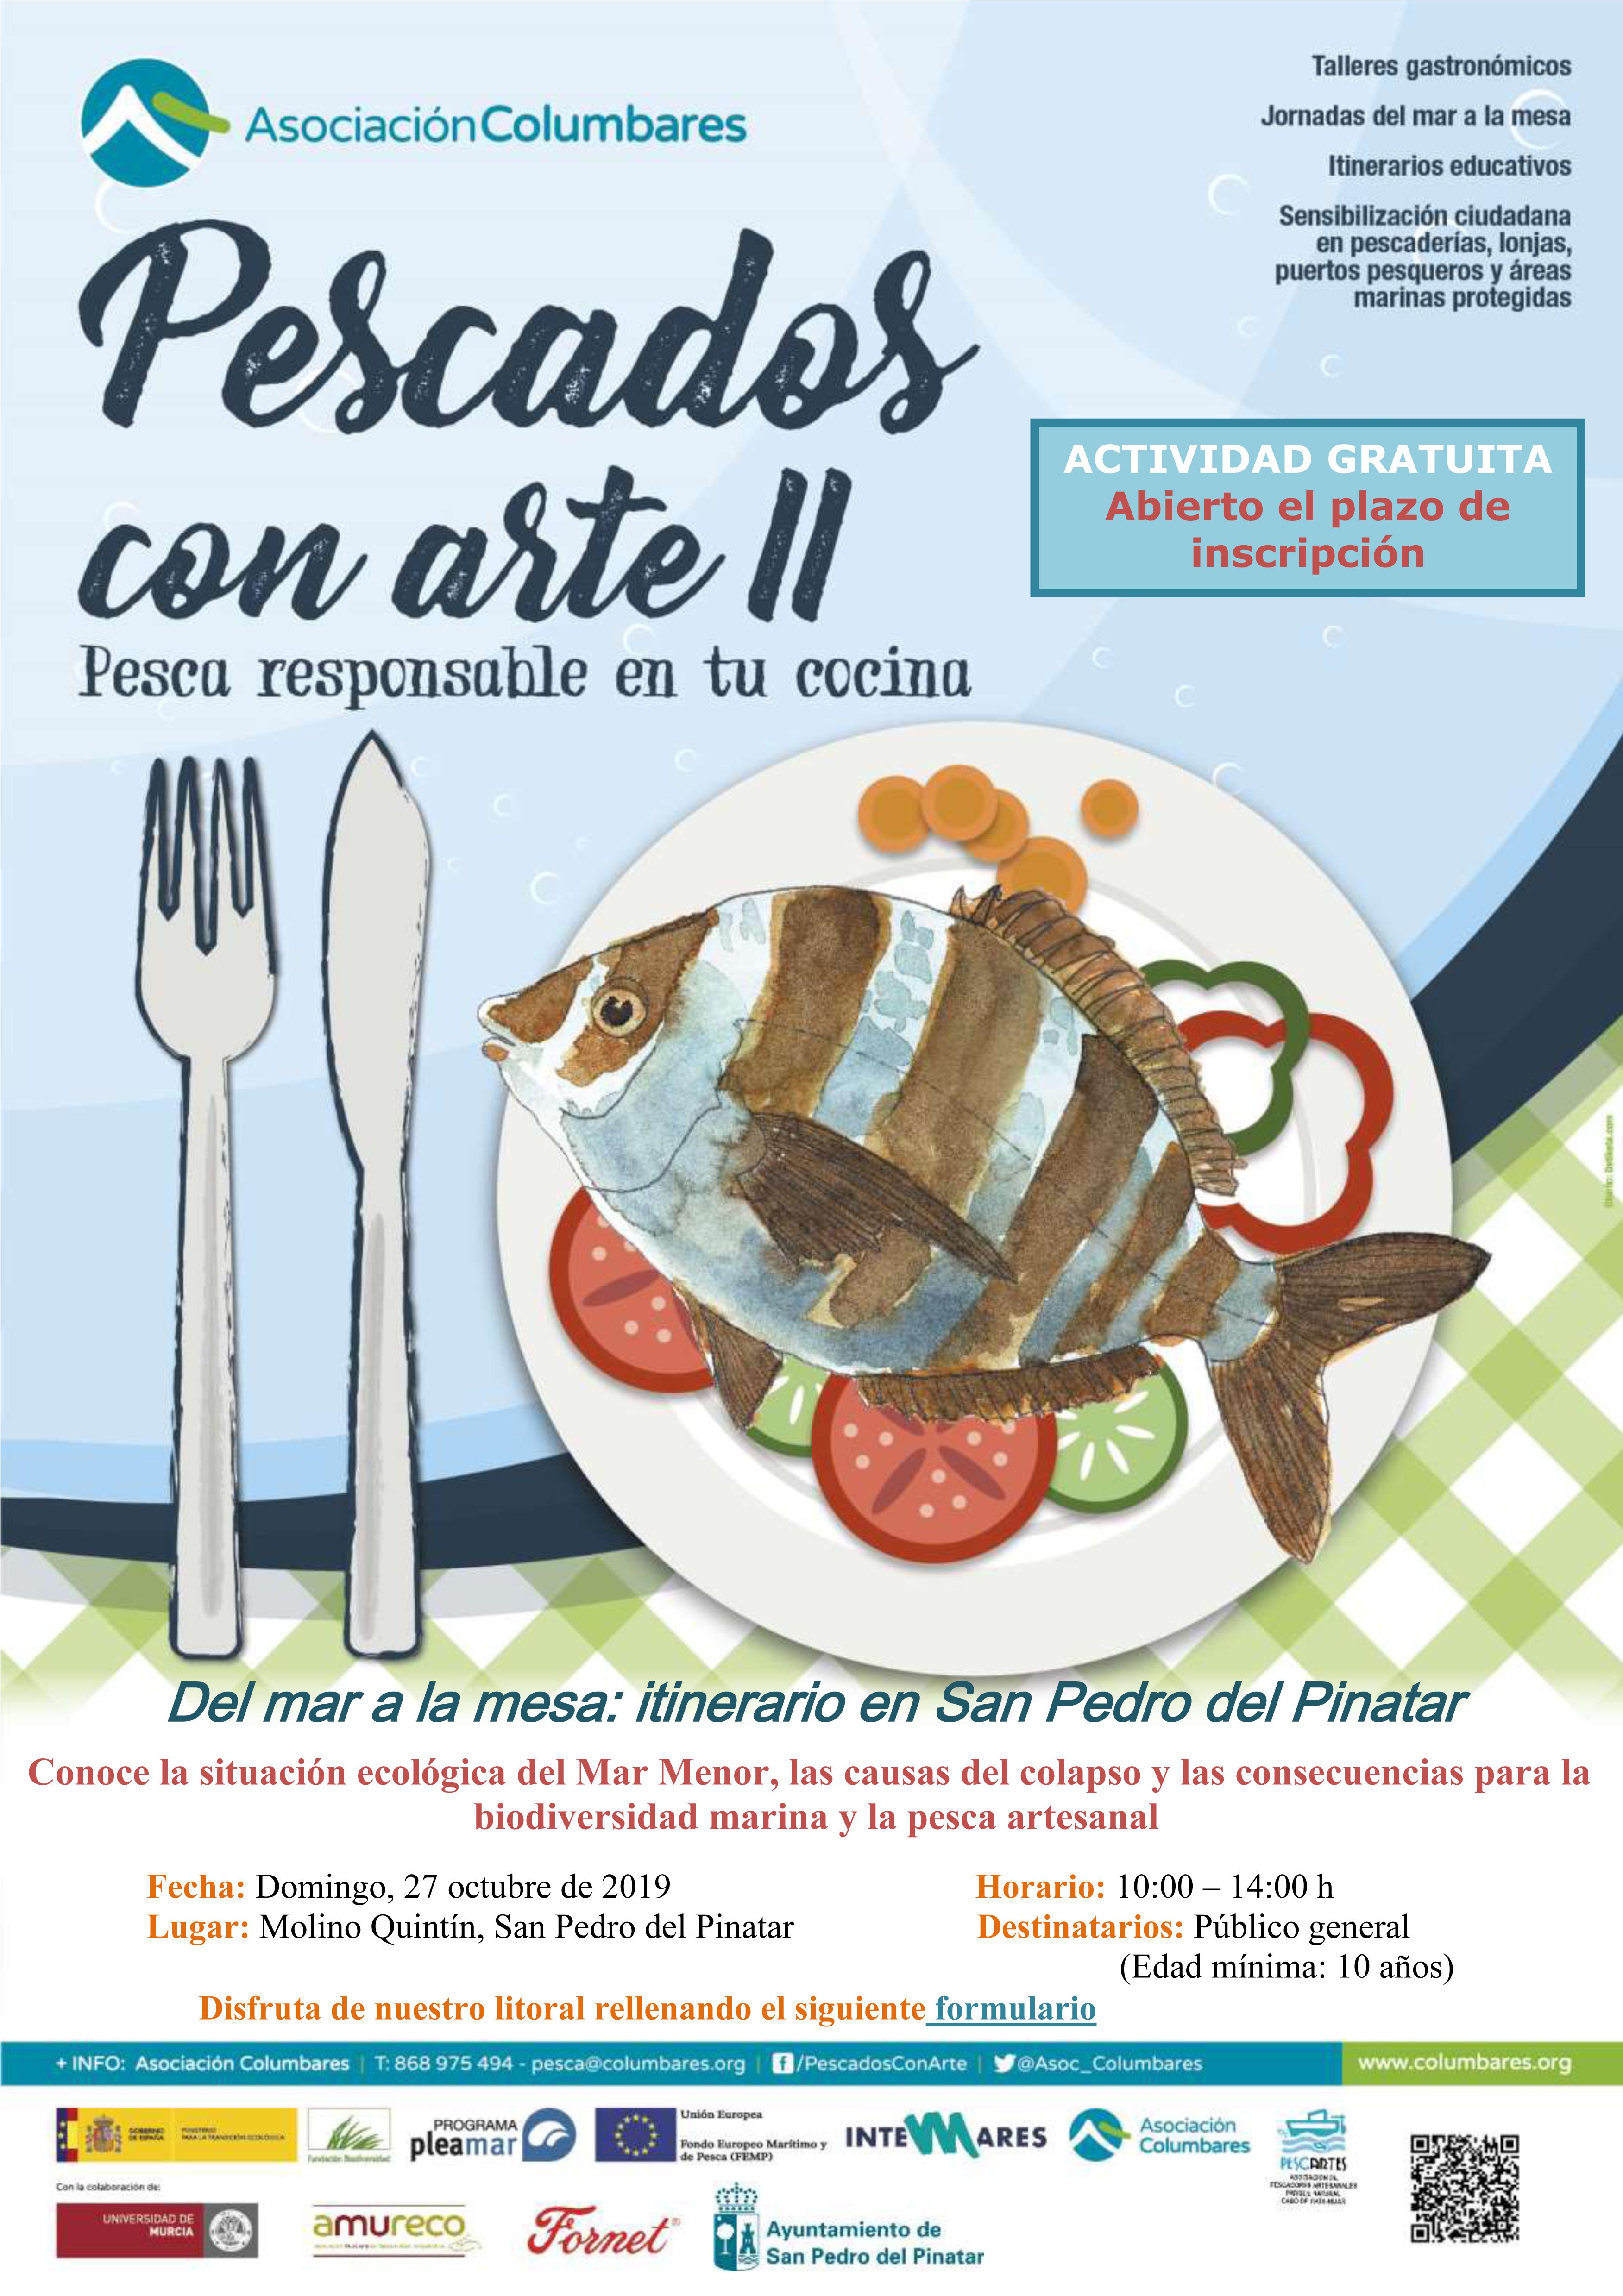 Jornada explicativa de la mortandad de peces 'Del mar a la mesa', con Columbares